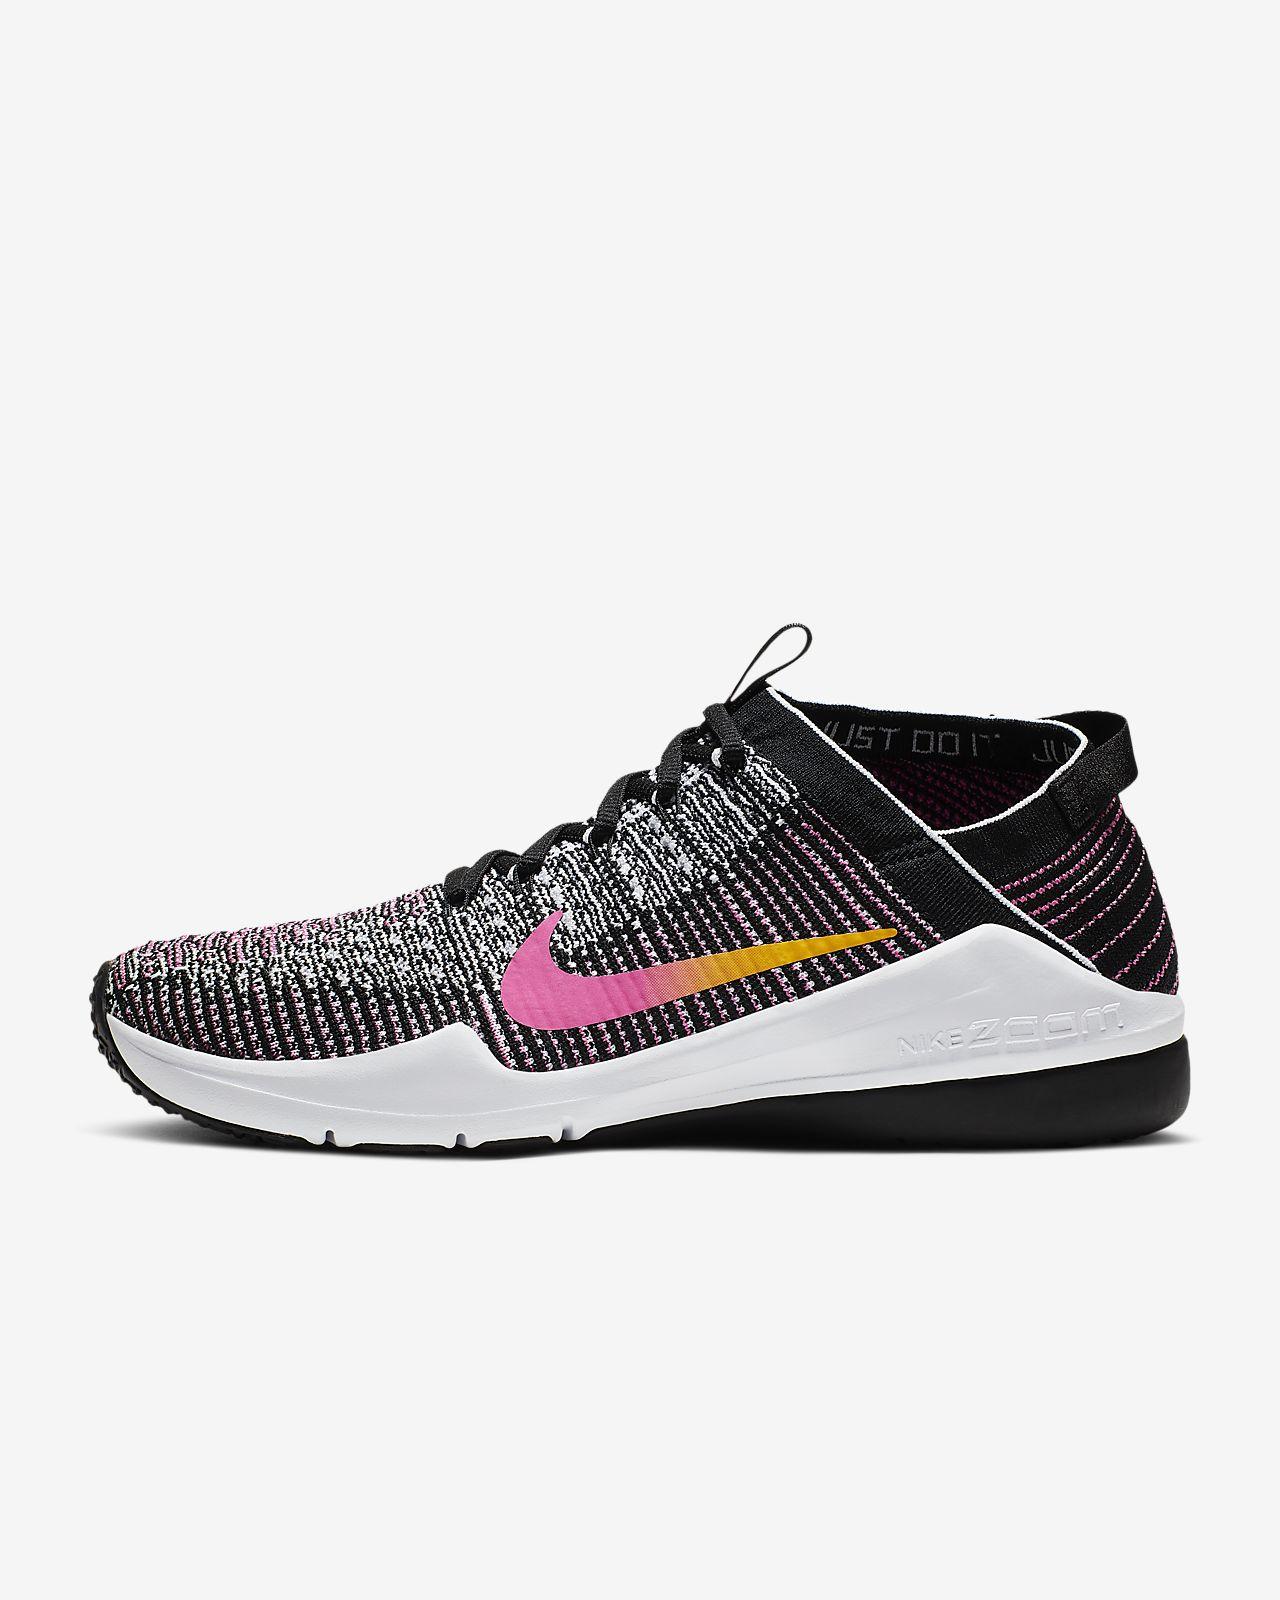 release date 54b32 99d40 ... Sko för gym träning boxning Nike Air Zoom Fearless Flyknit 2 för kvinnor